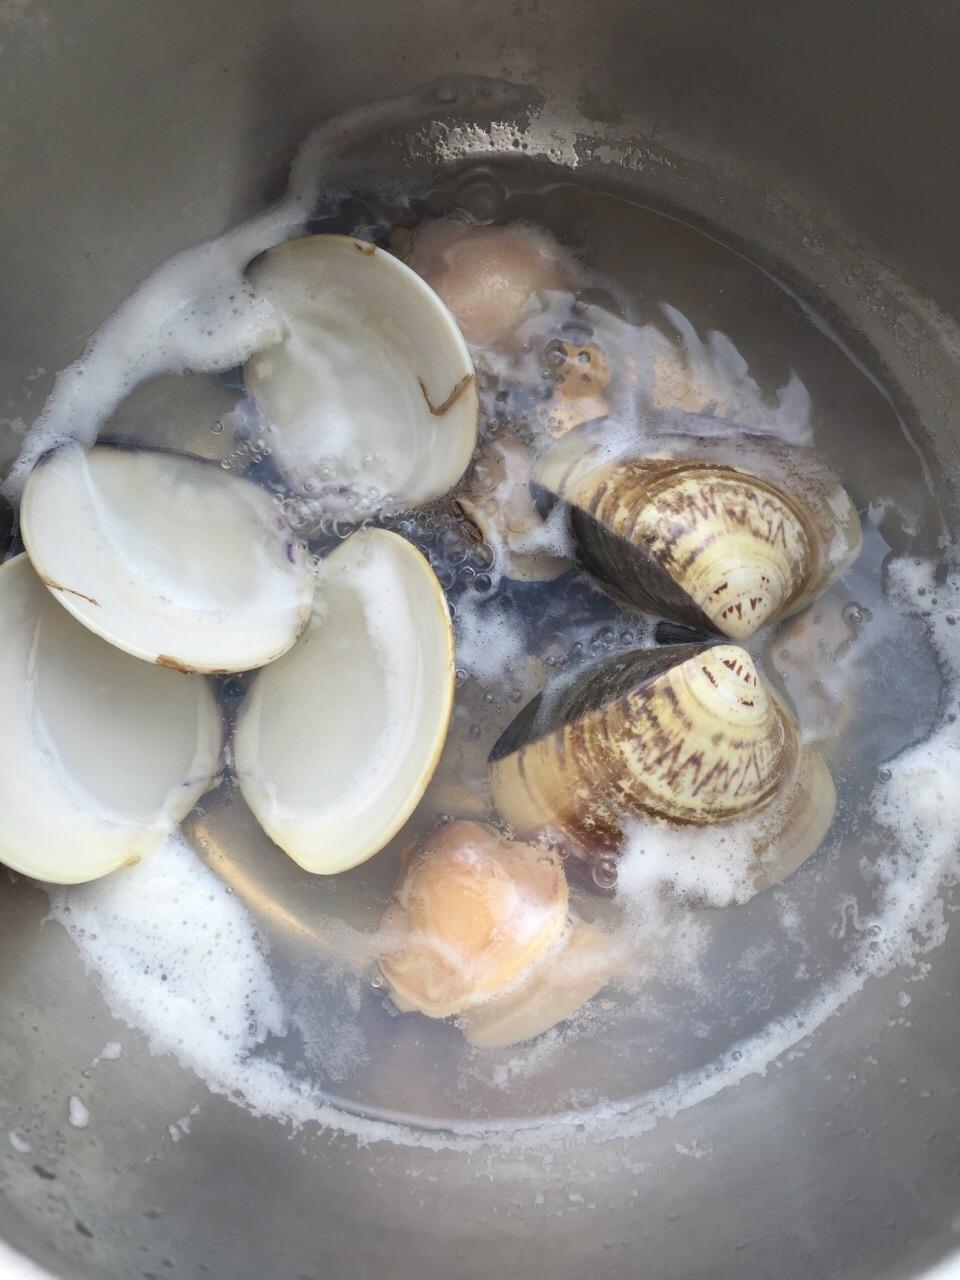 海蚌蒸蛋的做法_【图解】海蚌蒸蛋怎么做如何做好吃-水芹三鲜饺子的